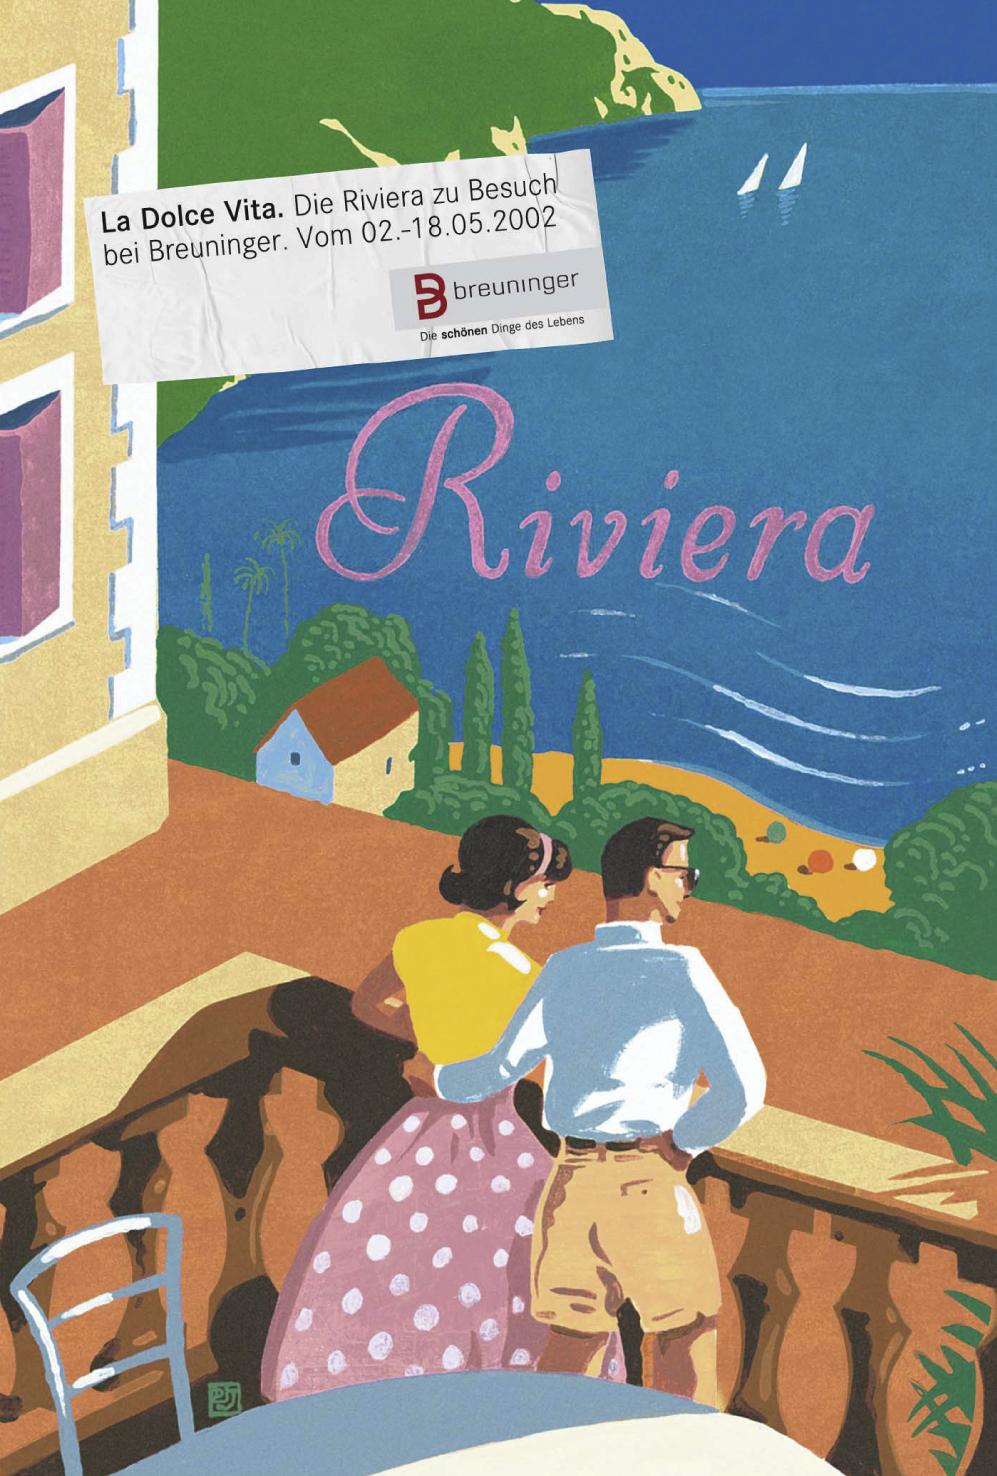 Breuninger Plakat 3: La Dolce Vita - Die Riviera zu Besuch bei Breuninger. Vom 02.-18.05.2002